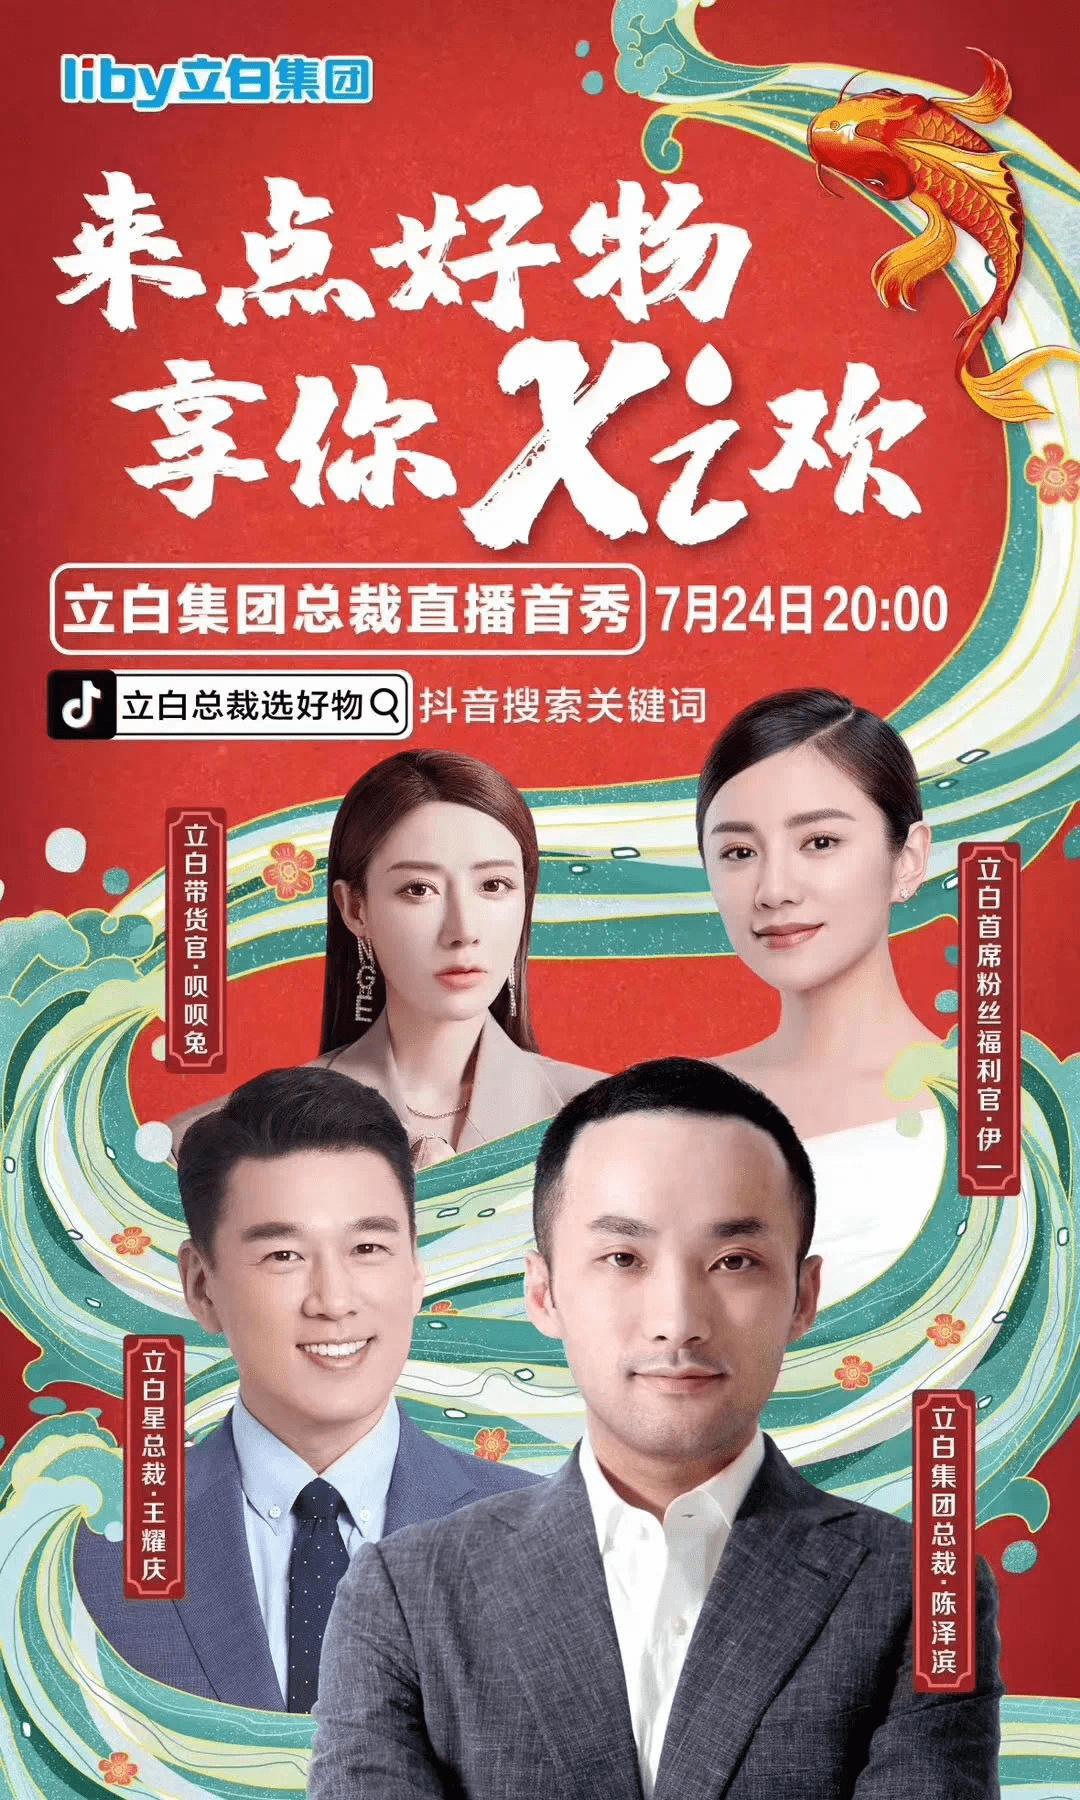 立白集团总裁抖音直播狂送欢Xi好物 直播营销从带货到带品牌之变